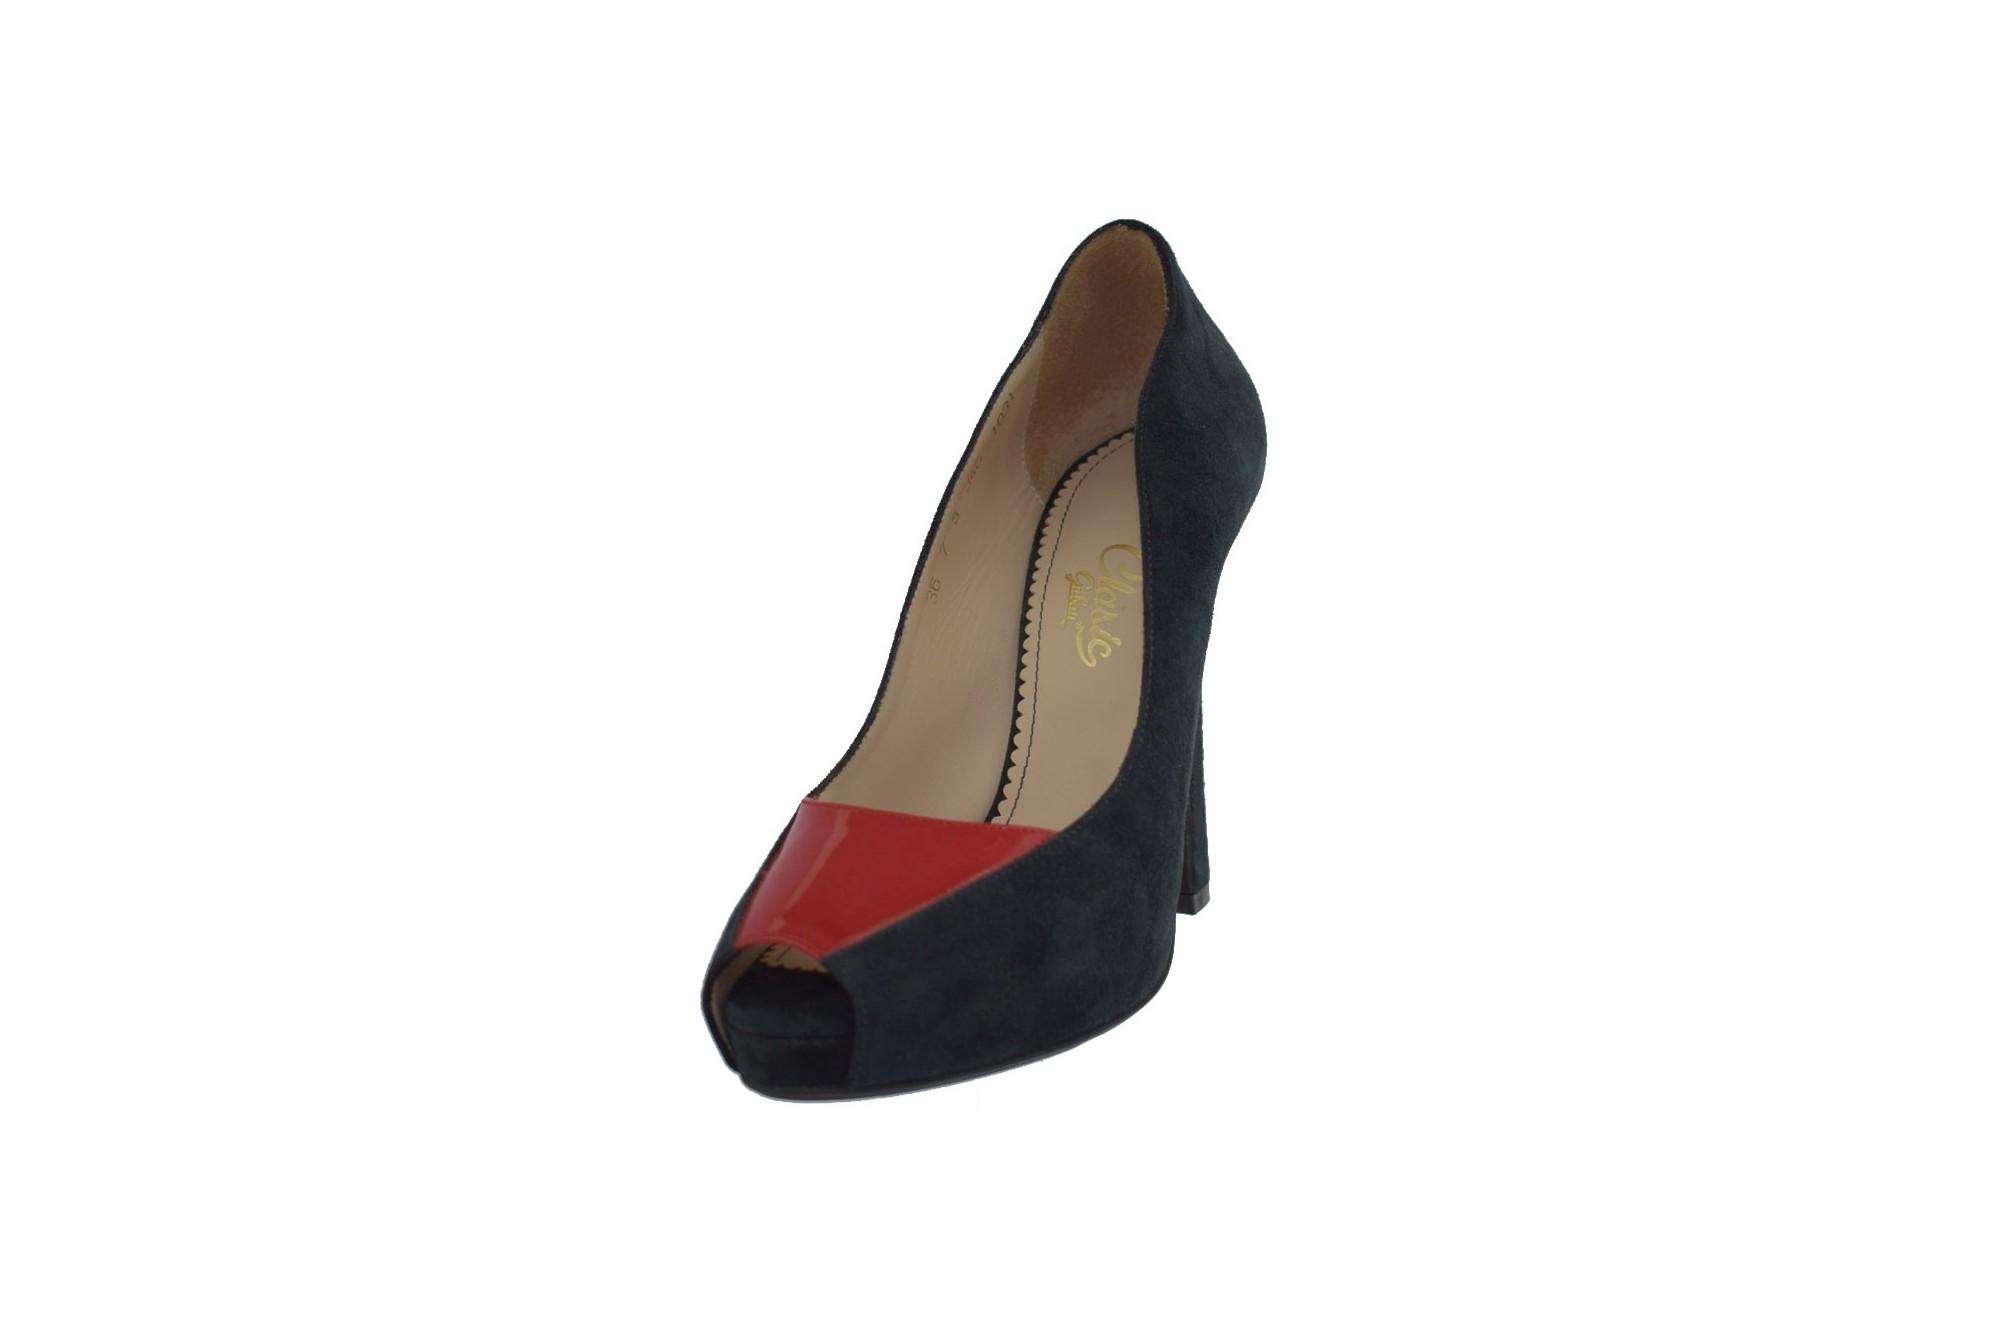 pantofi de alergare cod promoțional detalii pentru pantofi dama din piele naturala, marca guban cod 6661-42-07 culoare bl